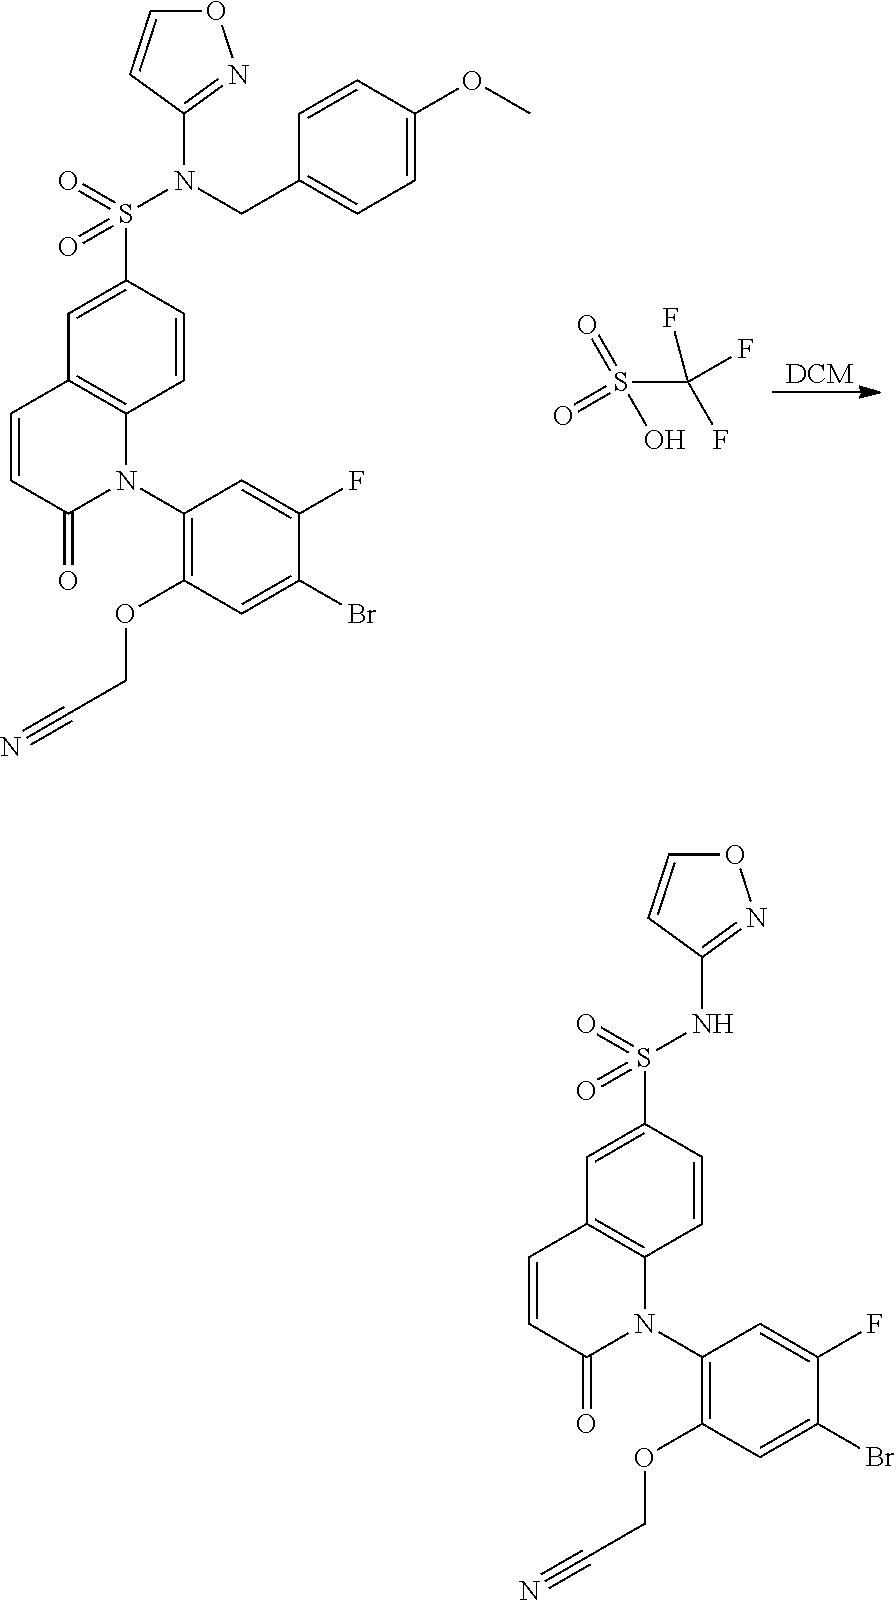 Figure US09212182-20151215-C00026